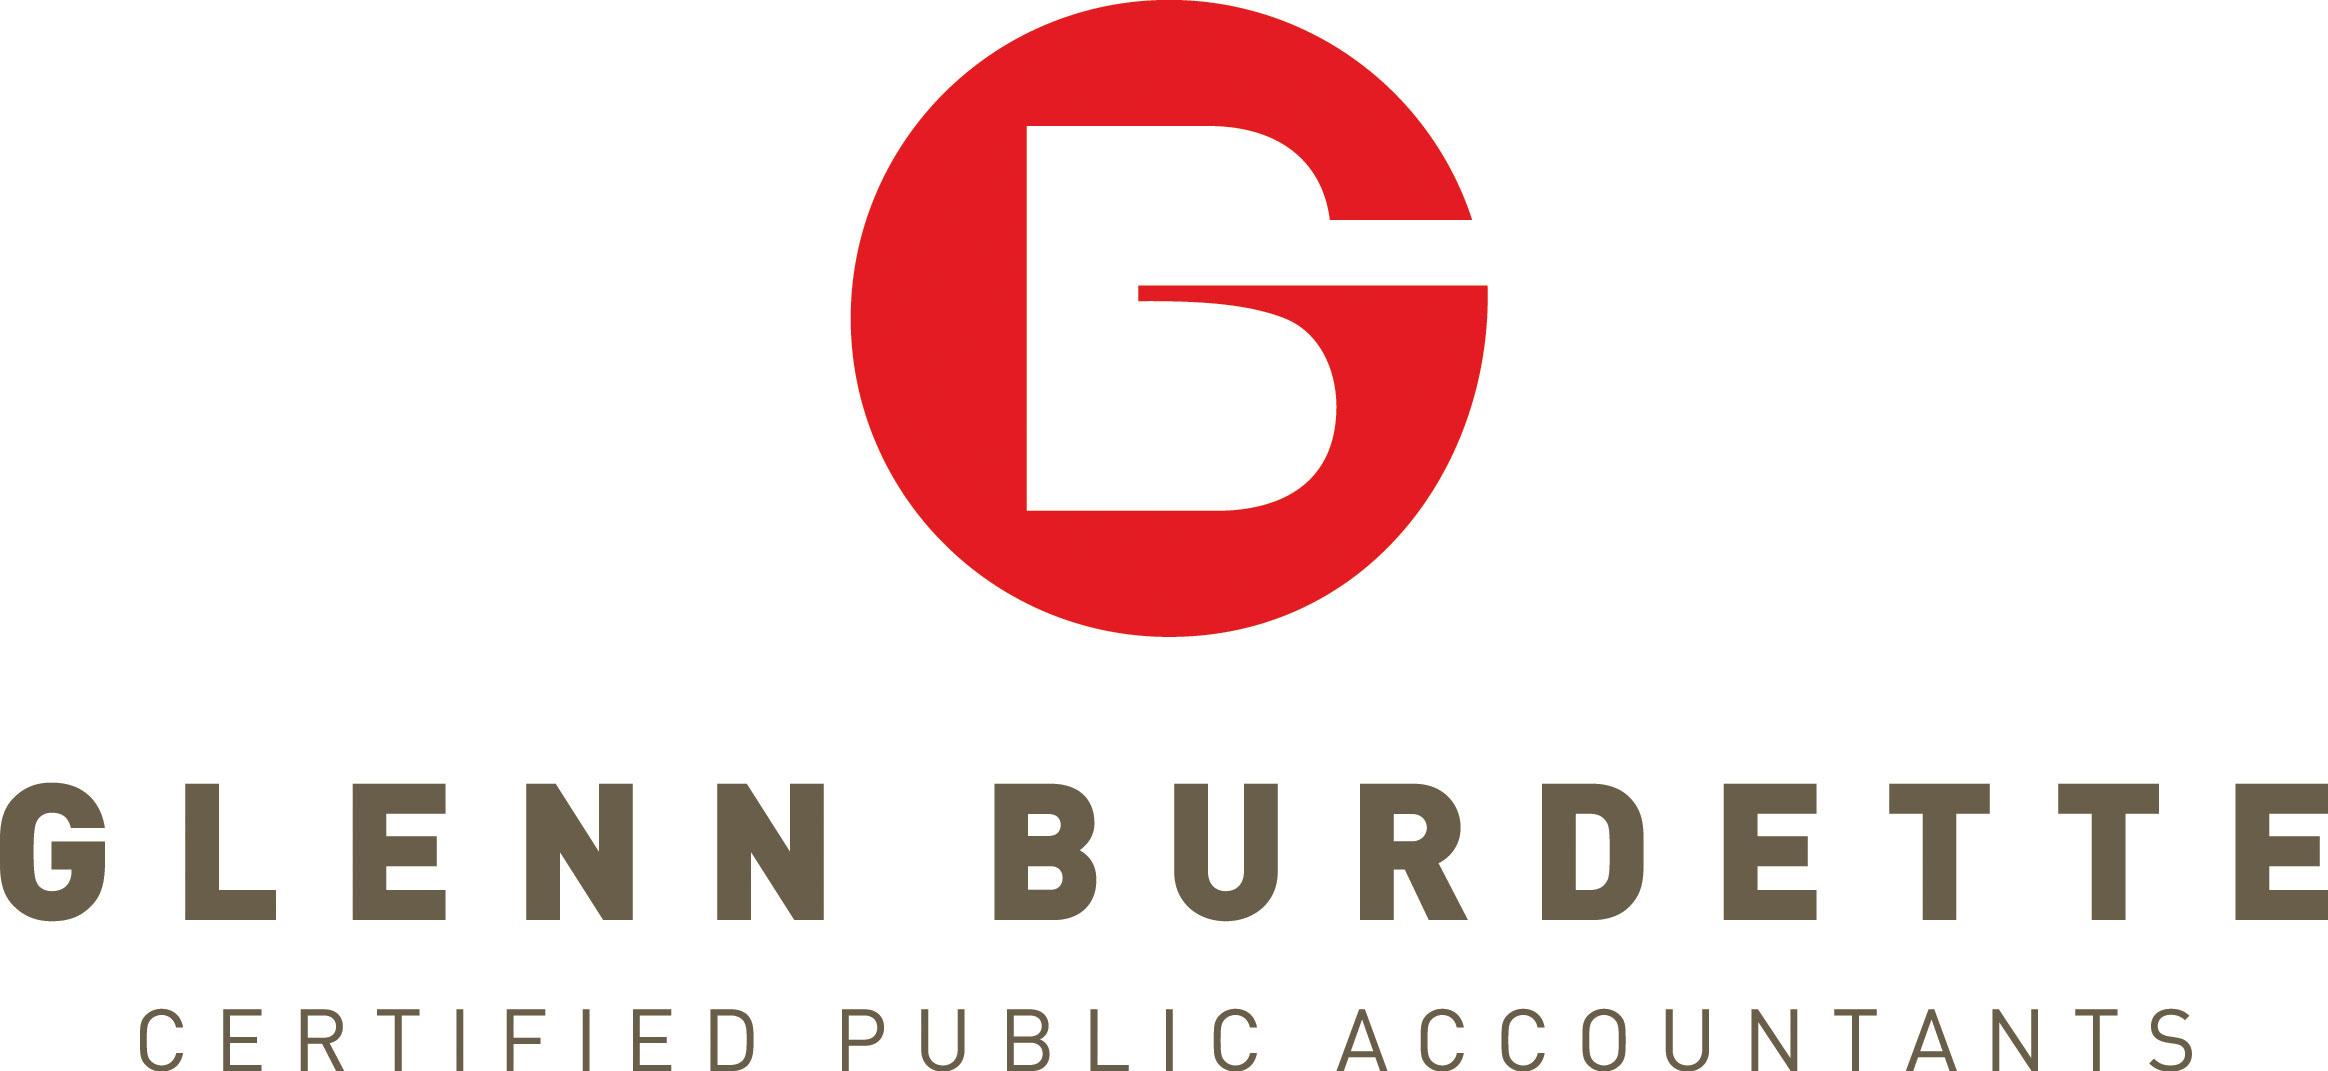 Glenn Burdette